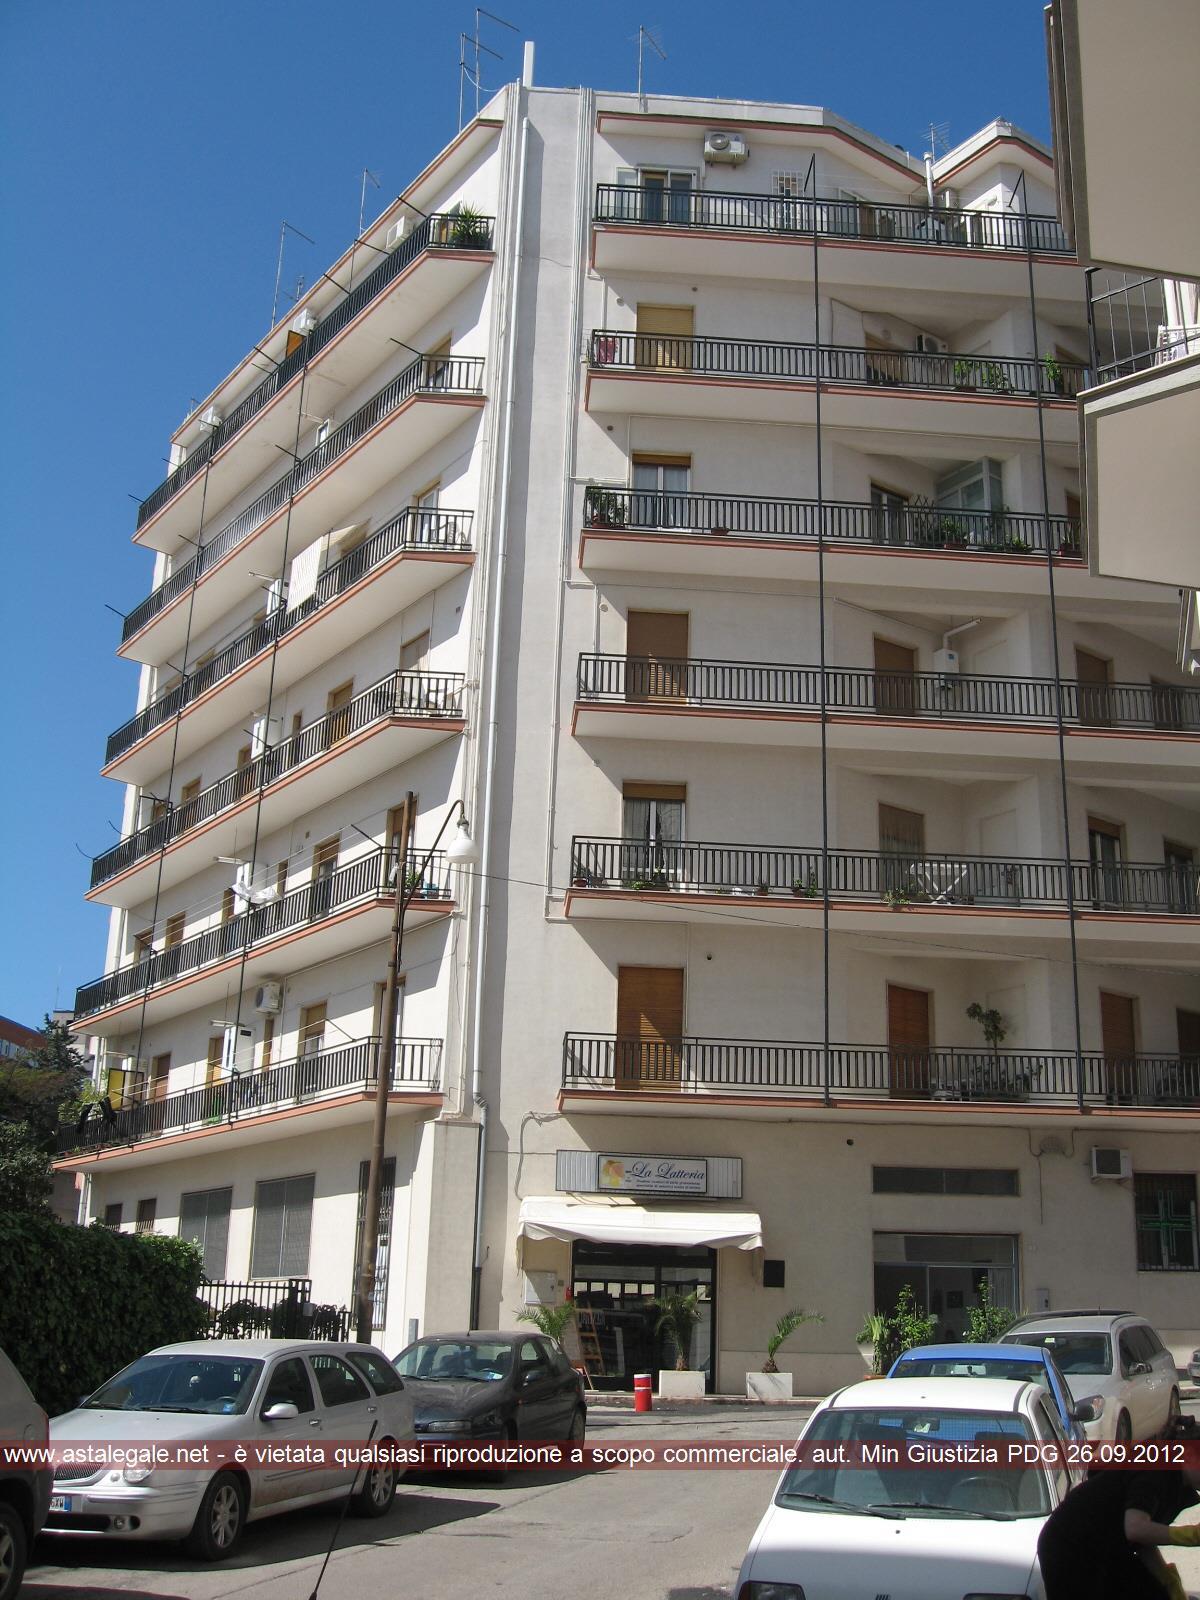 Ceglie Messapica (BR) Via Giovanni XXIII 4